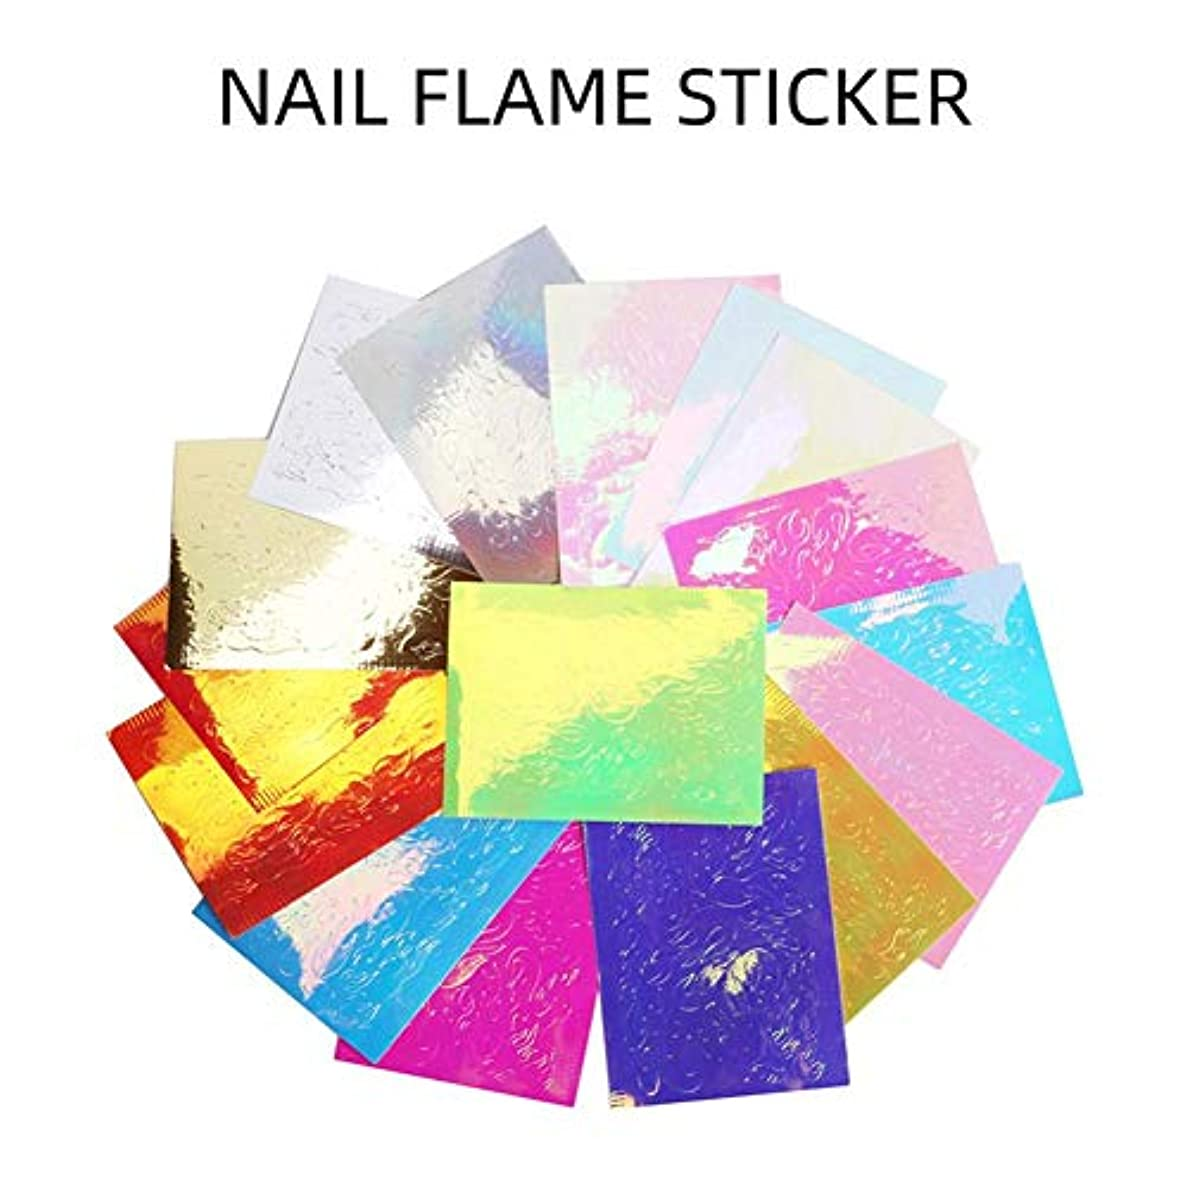 静脈忍耐縮約SILUN ネイルステッカー ネイルアート 炎 3D ネイルシール 使いやすい ネイルホイル グリッター DIY ネイル用装飾 人気 おしゃれ 16枚セット